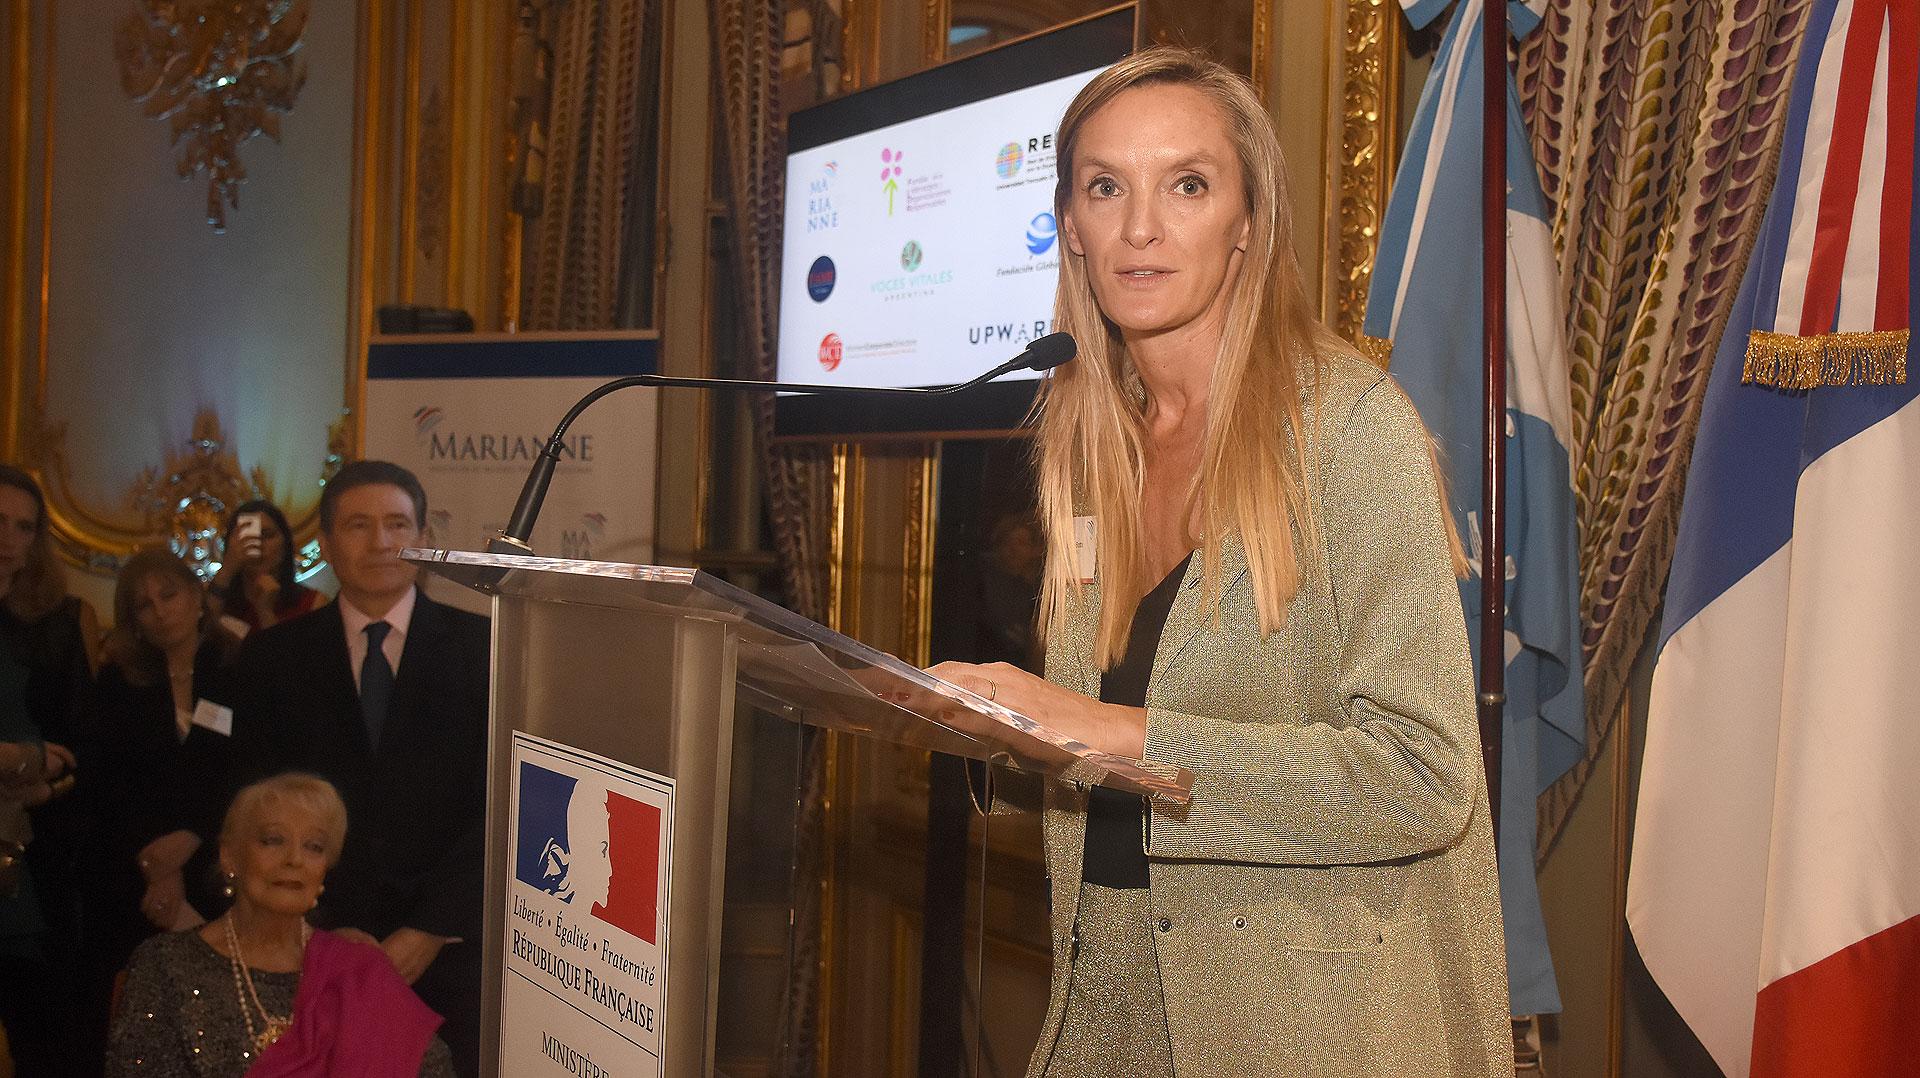 """La presidente de Marianne, destacó: """"La mujer es protagonista en la sociedad; creemos en un mundo mixto. Por eso, nos propusimos propagar el mensaje del valor de la mixidad, generar conciencia y compromiso y sumar a mujeres y hombres a esa acción""""."""